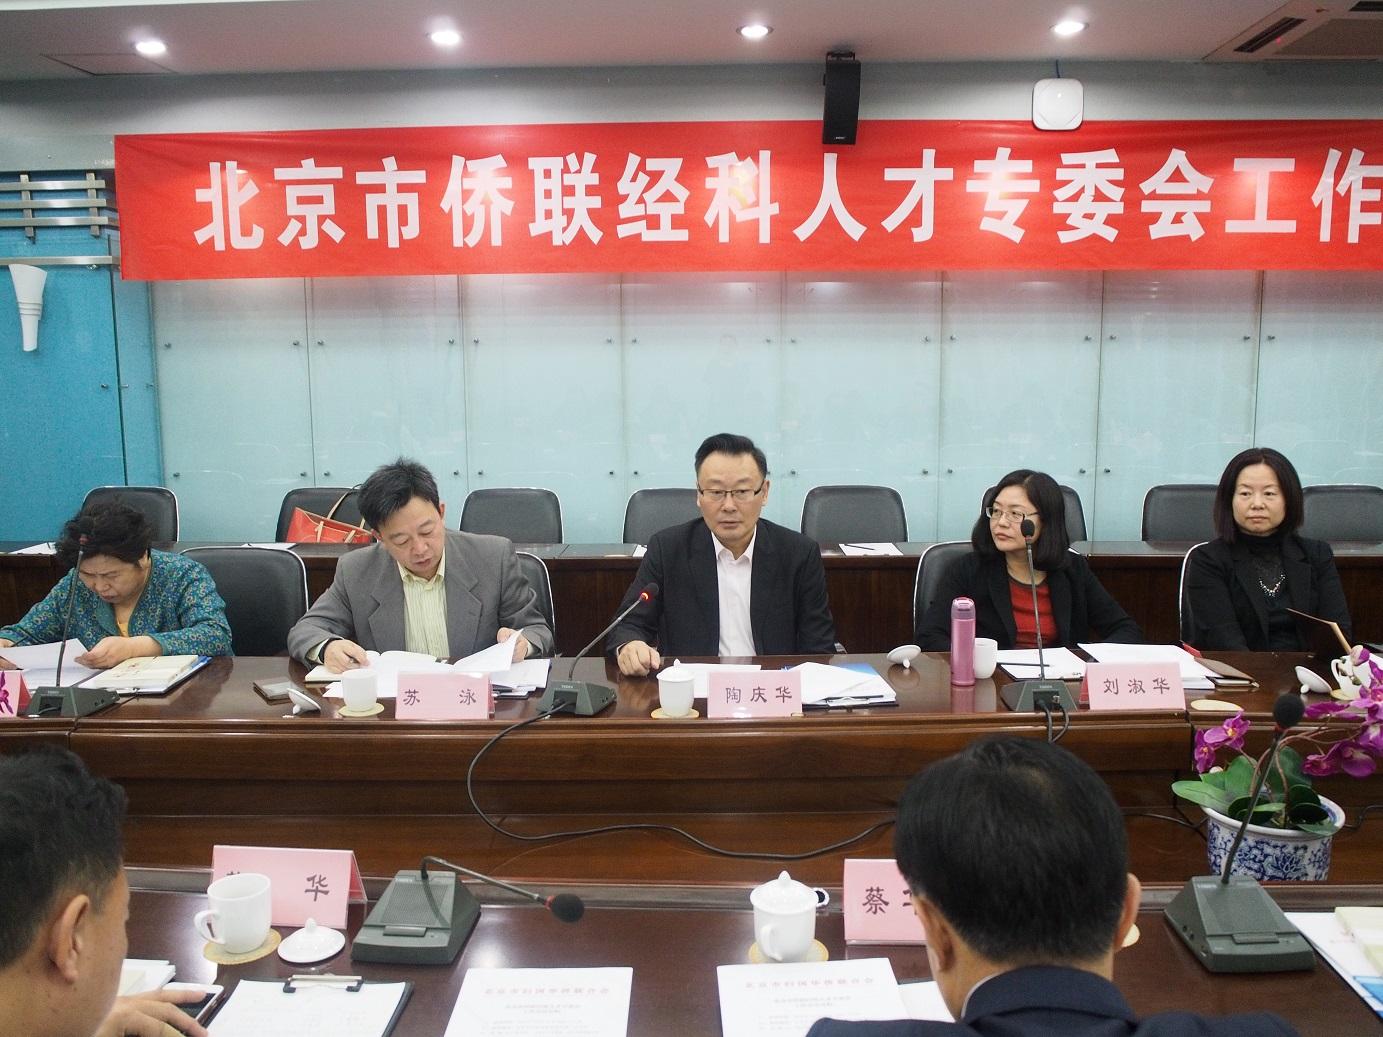 北京华商会部分会员代表参加市侨联经科人才专委会工作会议